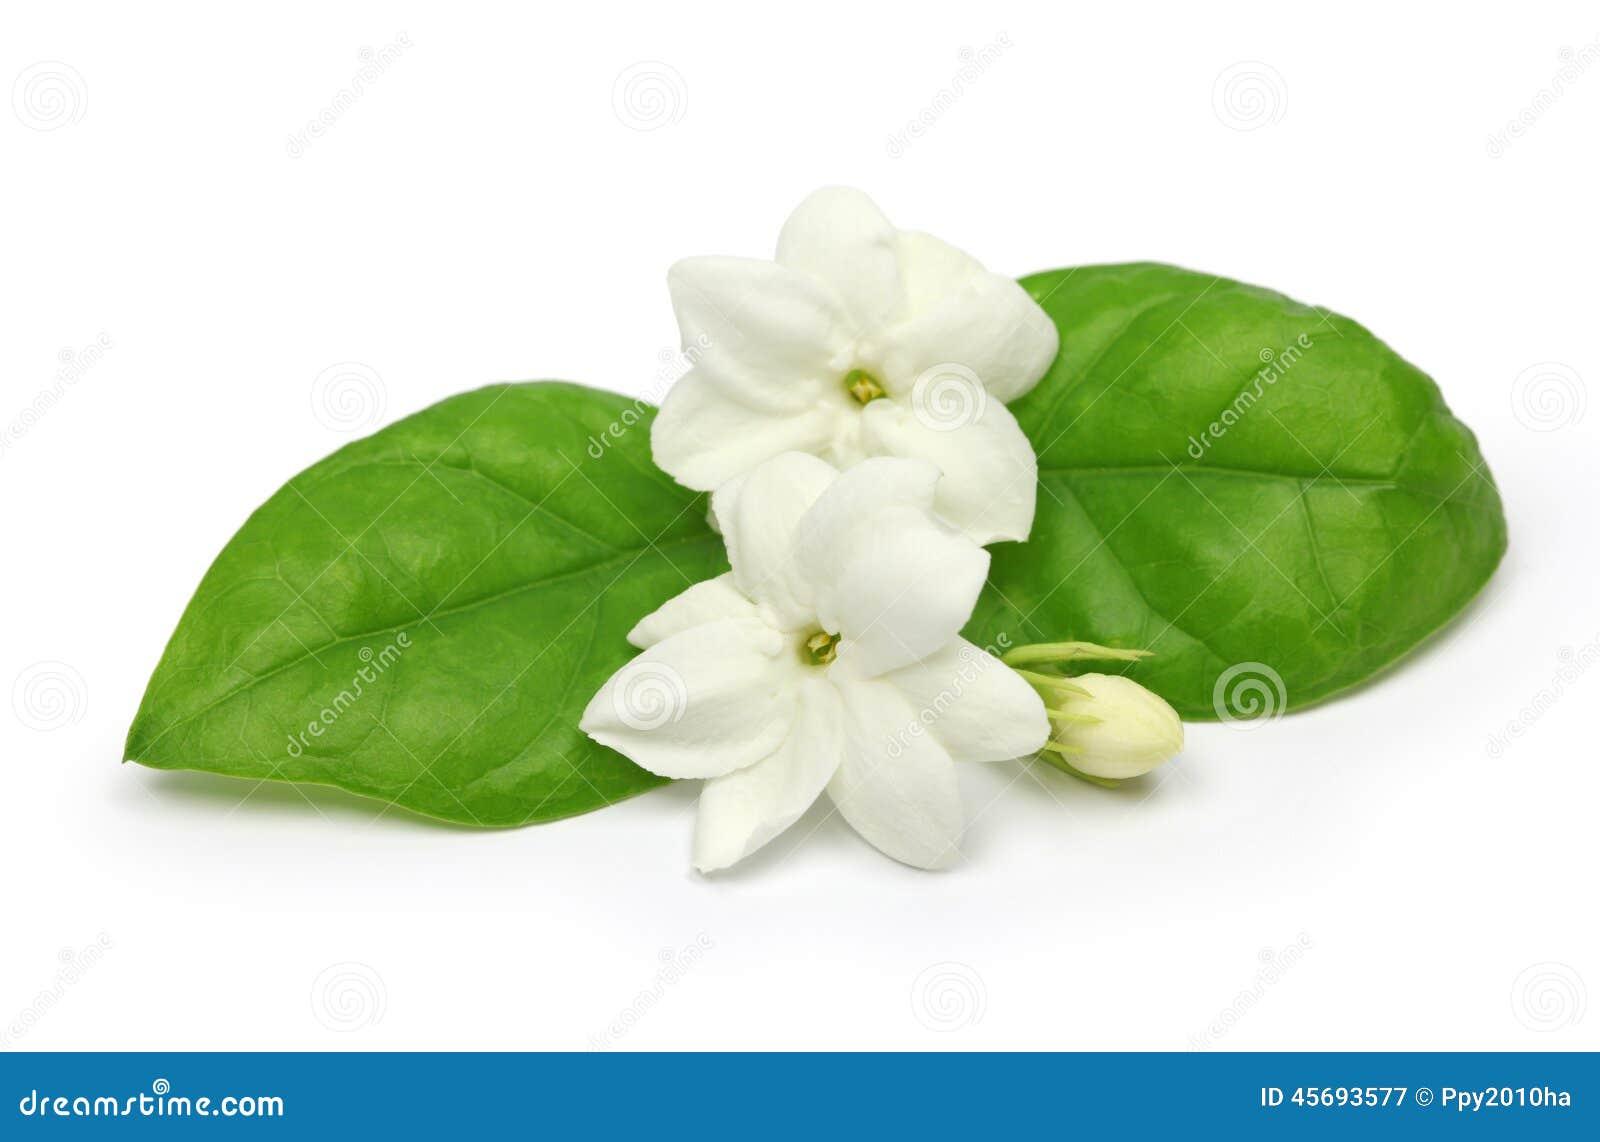 Arabian jasmine jasmine tea flower stock image image of native download arabian jasmine jasmine tea flower stock image image of native image izmirmasajfo